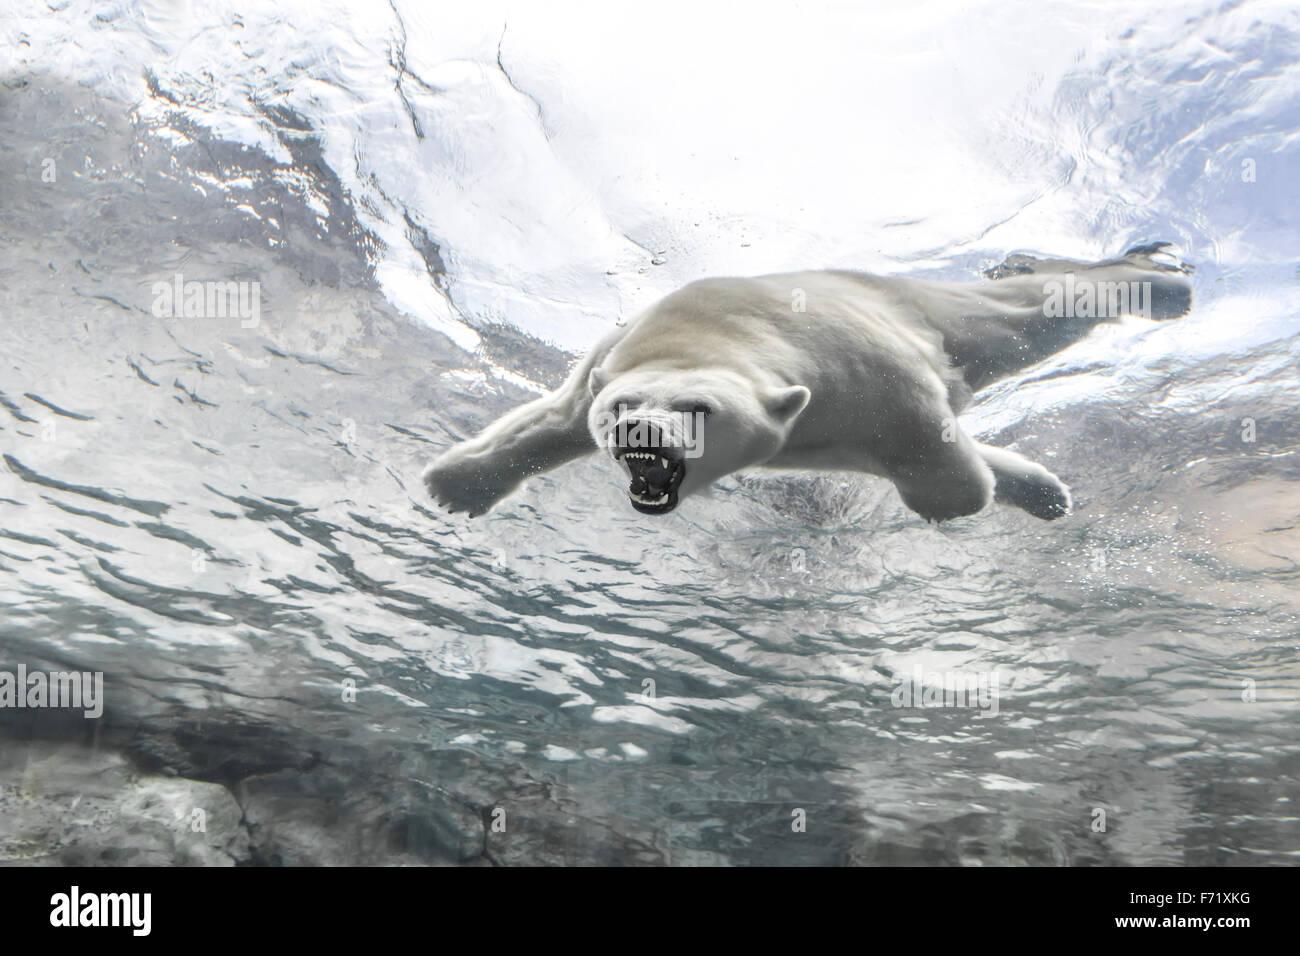 Aggressivo orso polare, nuoto sott'acqua di viaggio a Churchill, Assiniboine Park Zoo, Winnipeg, Manitoba, Canada Foto Stock